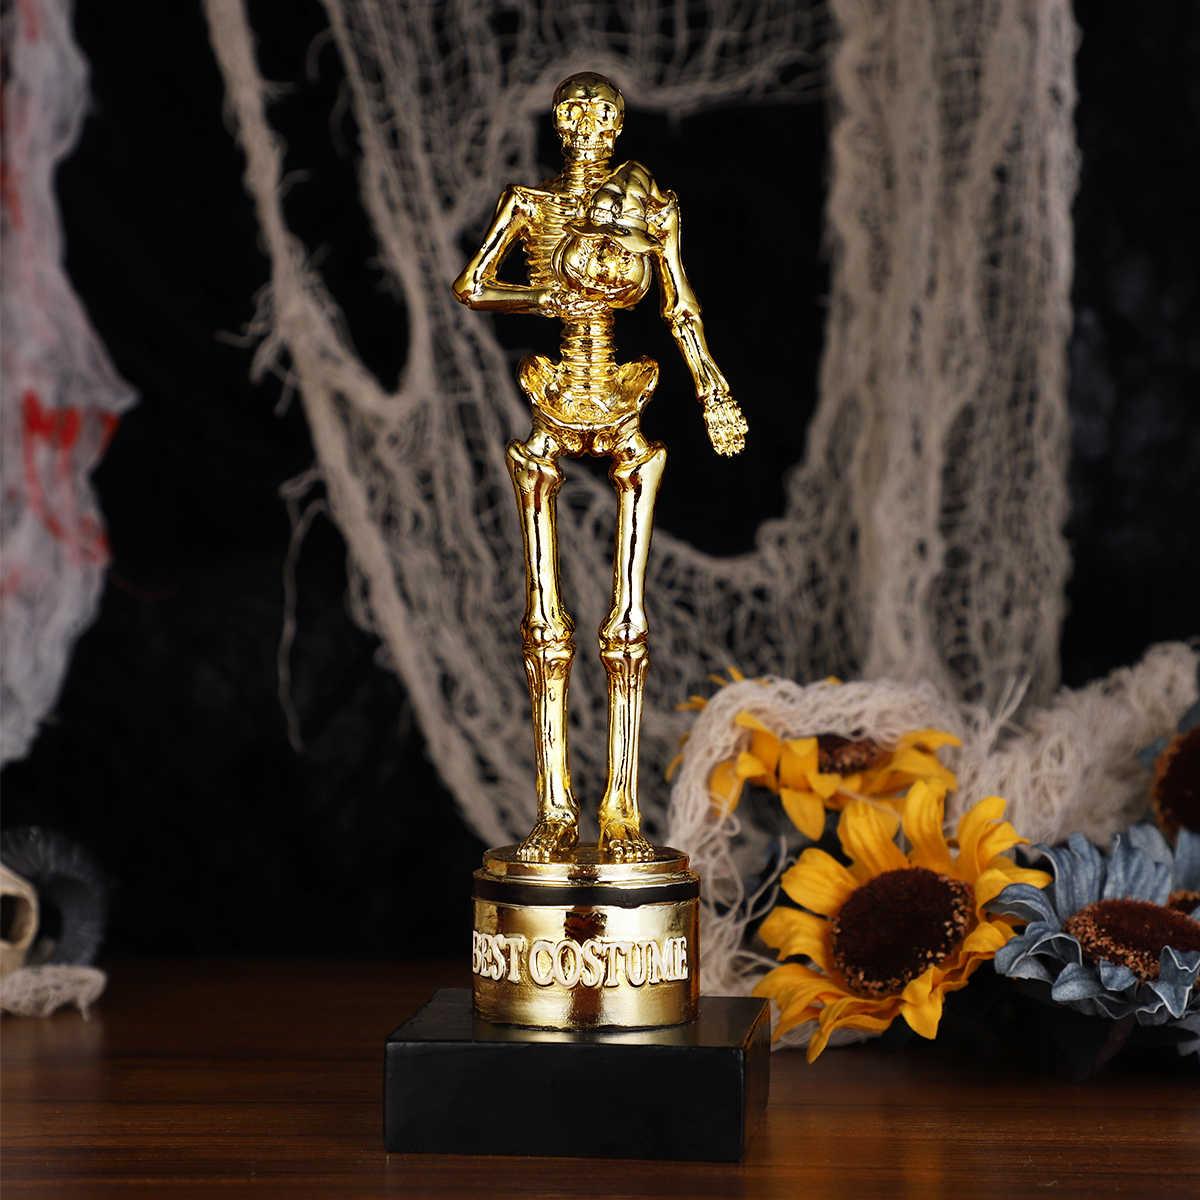 1 ud. Halloween mejor disfraz trofeo esqueleto calabaza esencial Golden premios trofeos estatuas